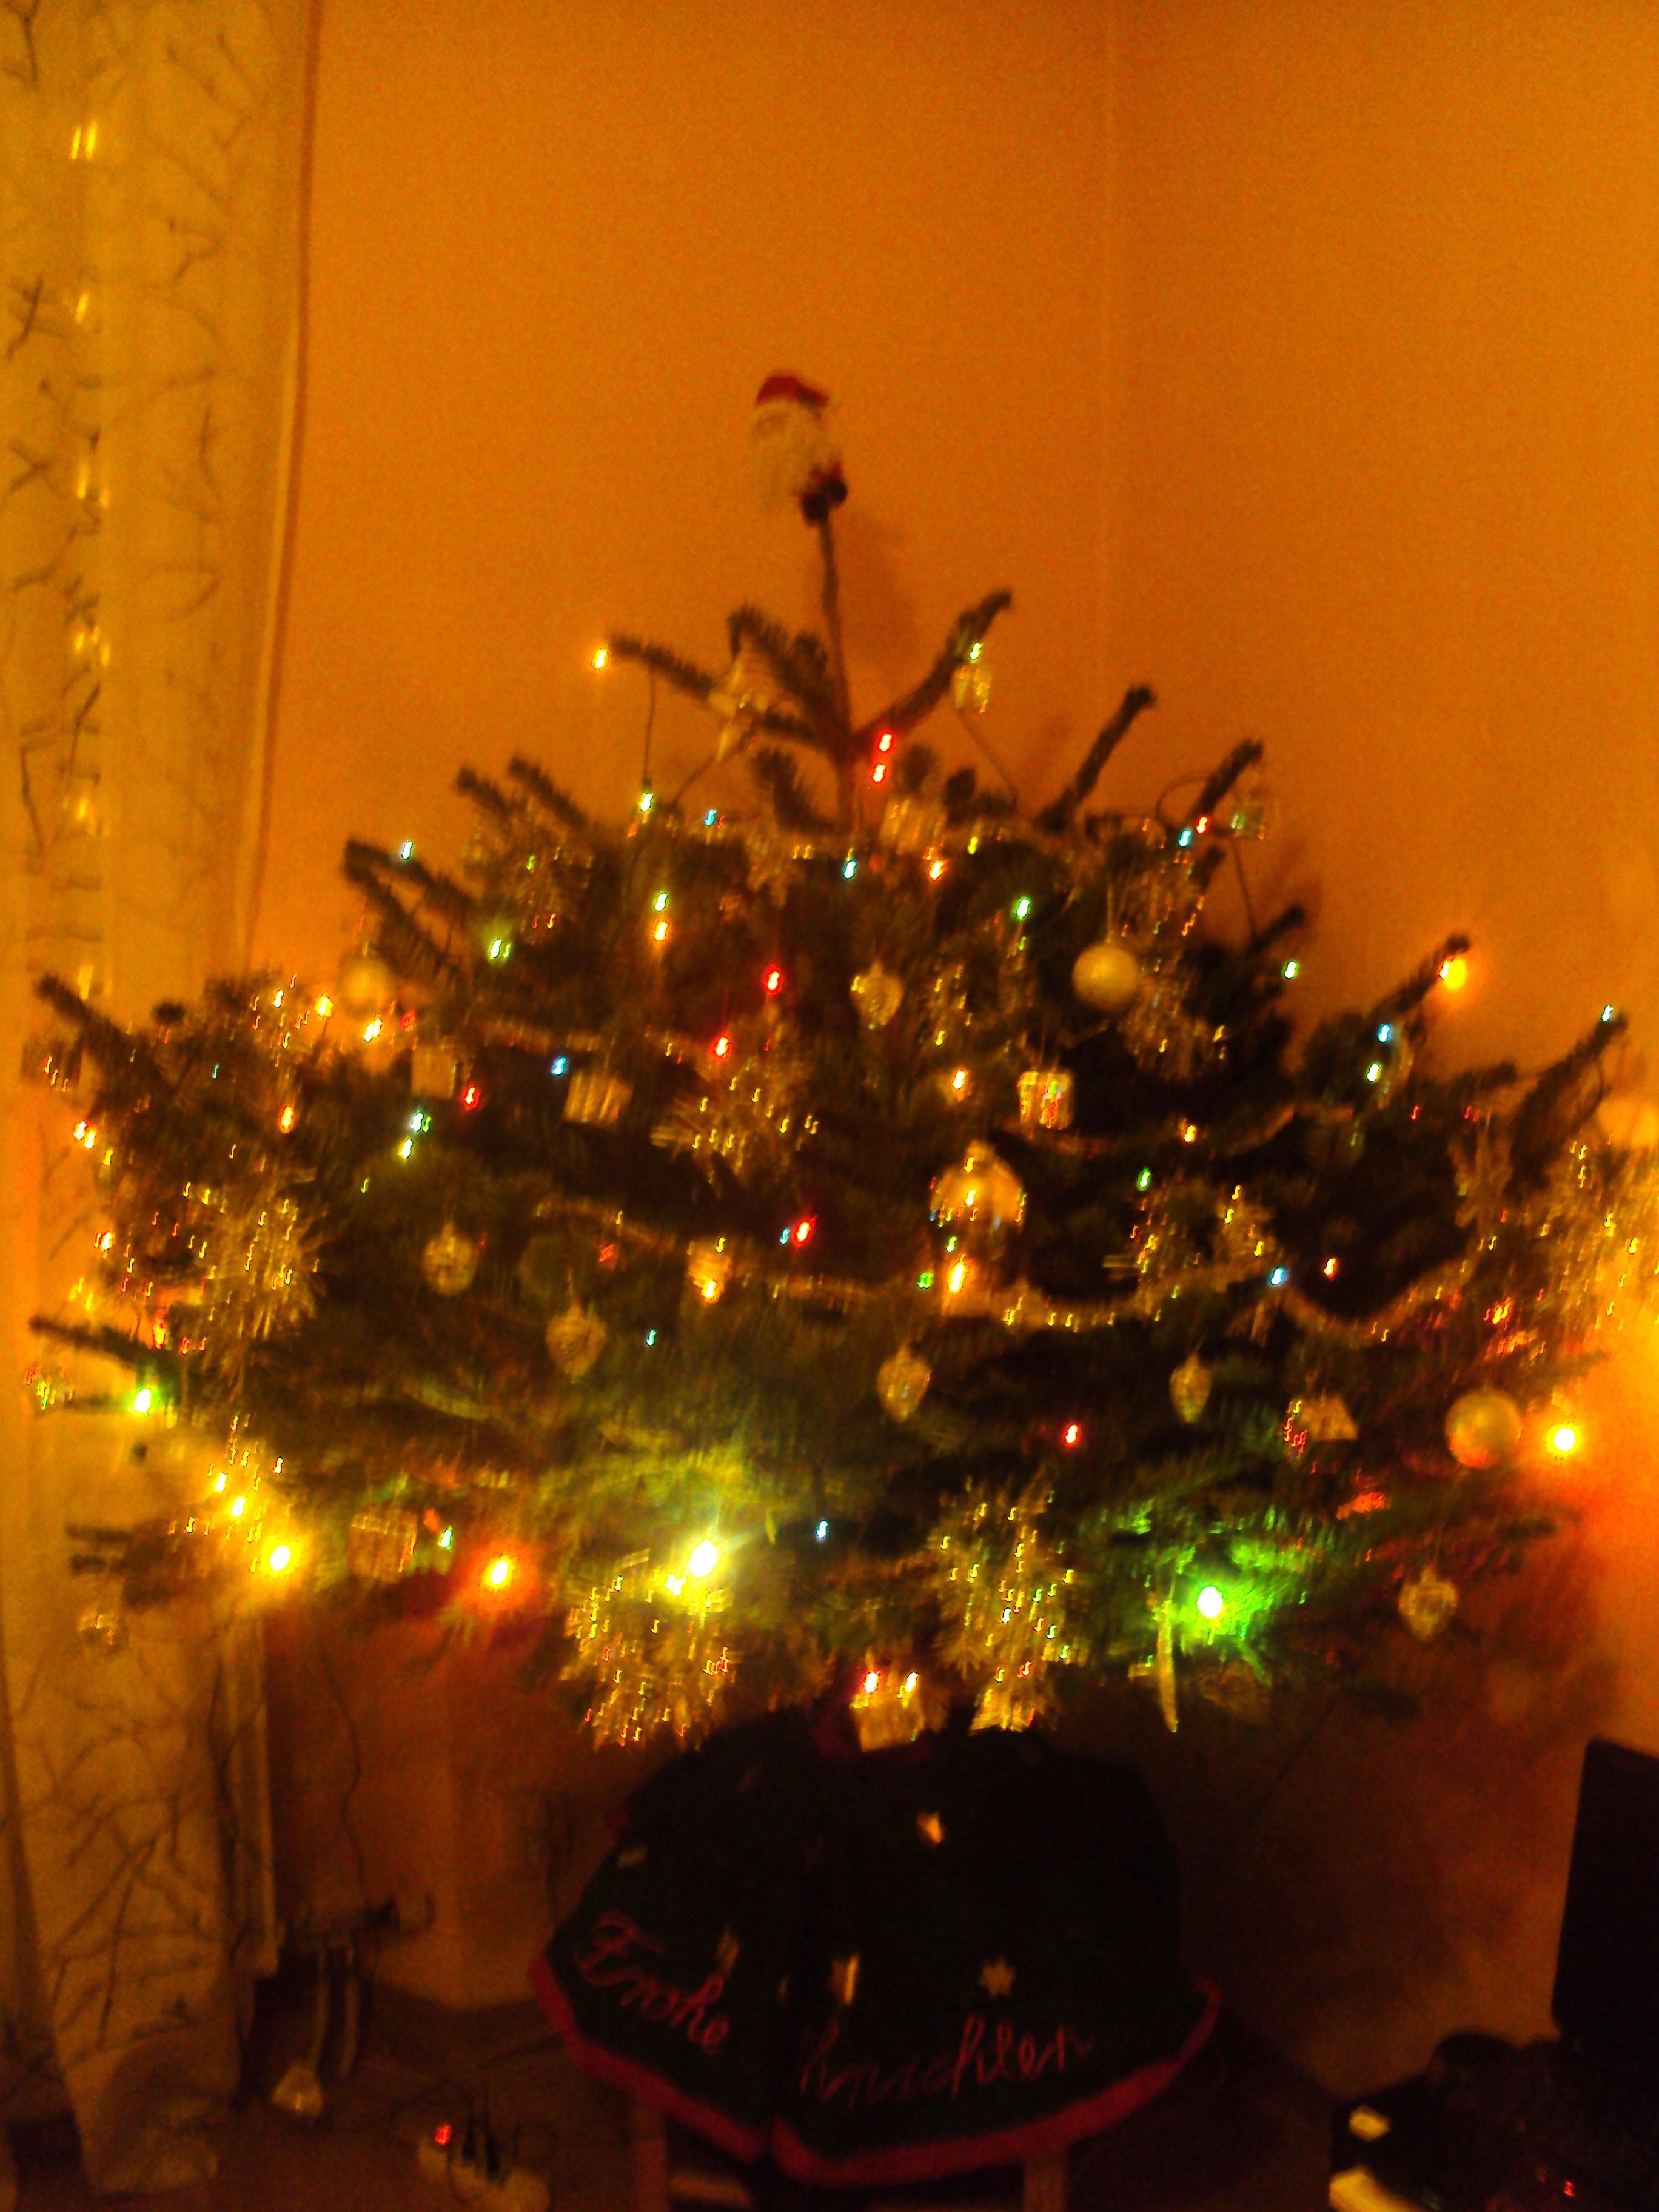 der ultimative weihnachtsbaum contest anmeldung seite 3 allmystery. Black Bedroom Furniture Sets. Home Design Ideas